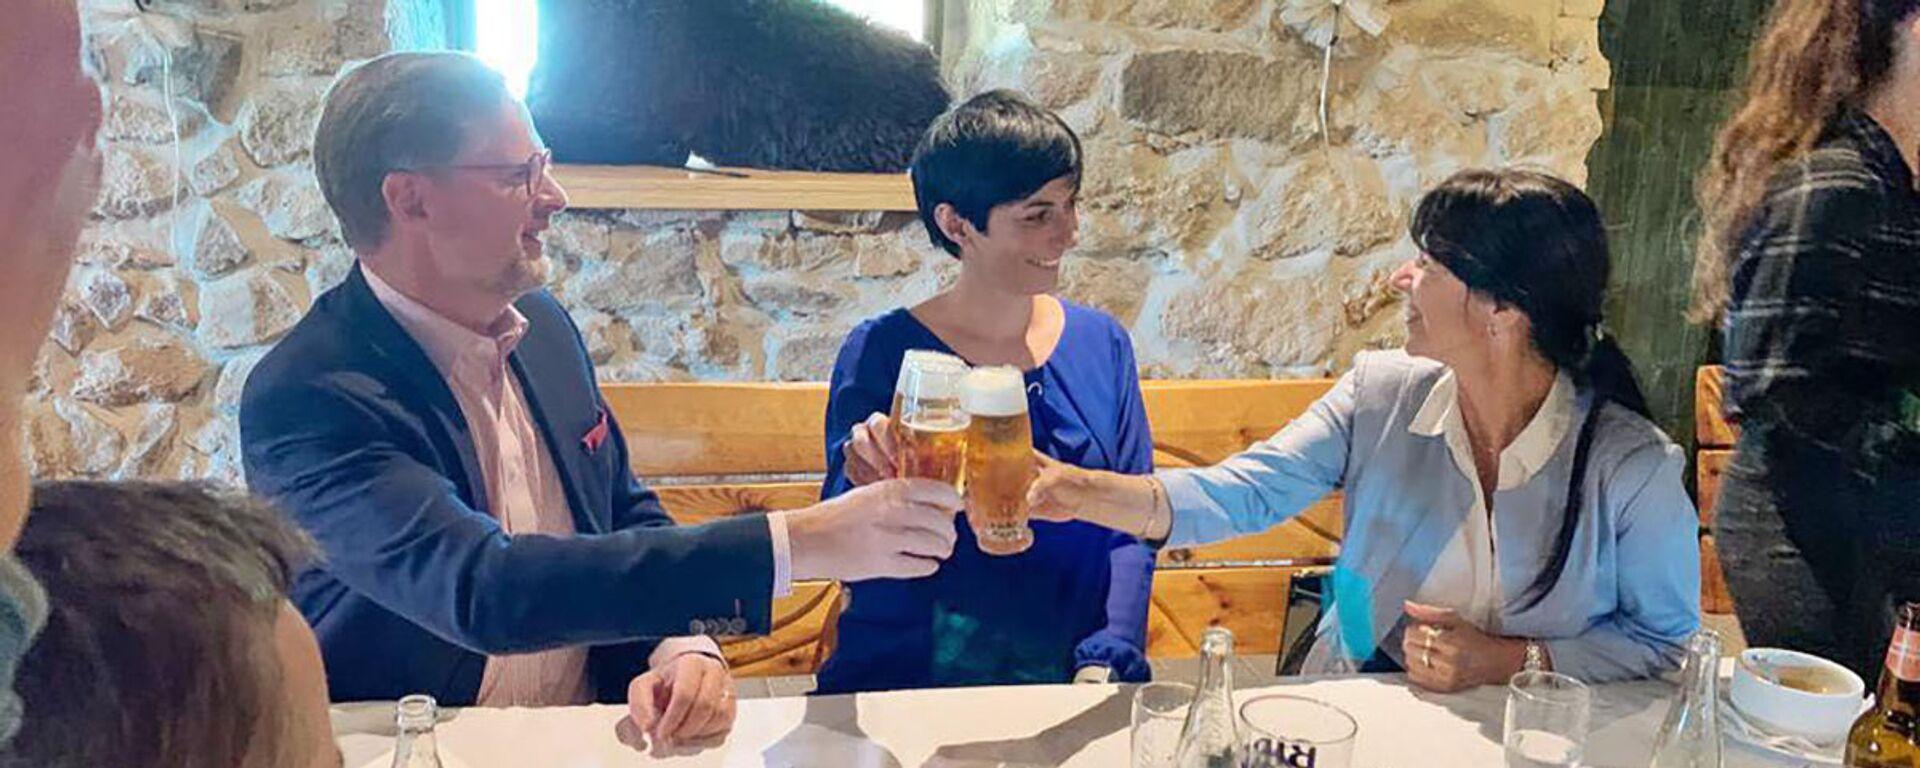 Čeští politici Petr Fiala, Markéta Pekarová Adamová a Ilona Mauricova během setkání v Plzeňském kraji - Sputnik Česká republika, 1920, 01.06.2021